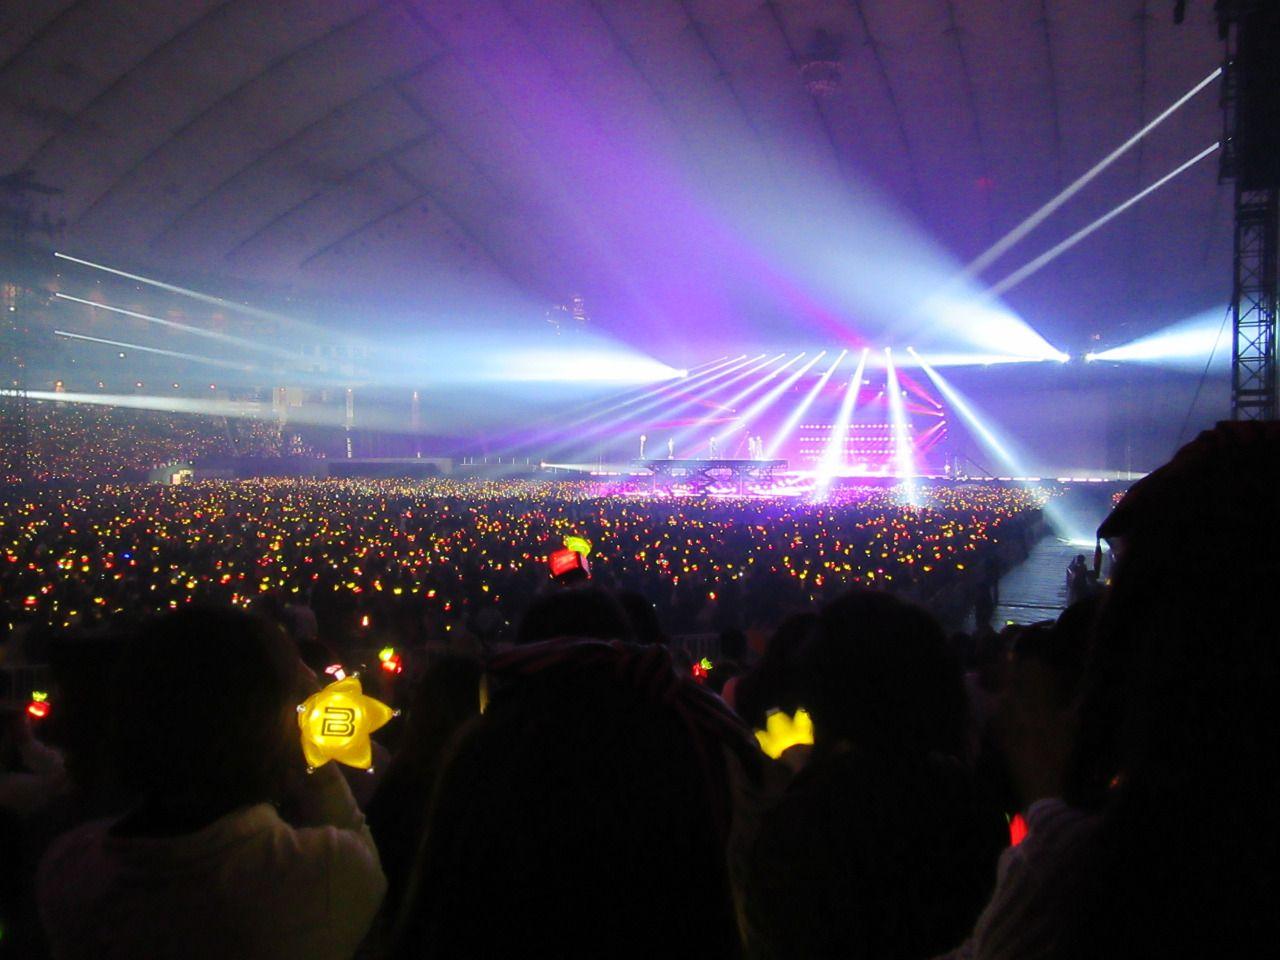 #Bigbang #madetour #japan #tokyo dome